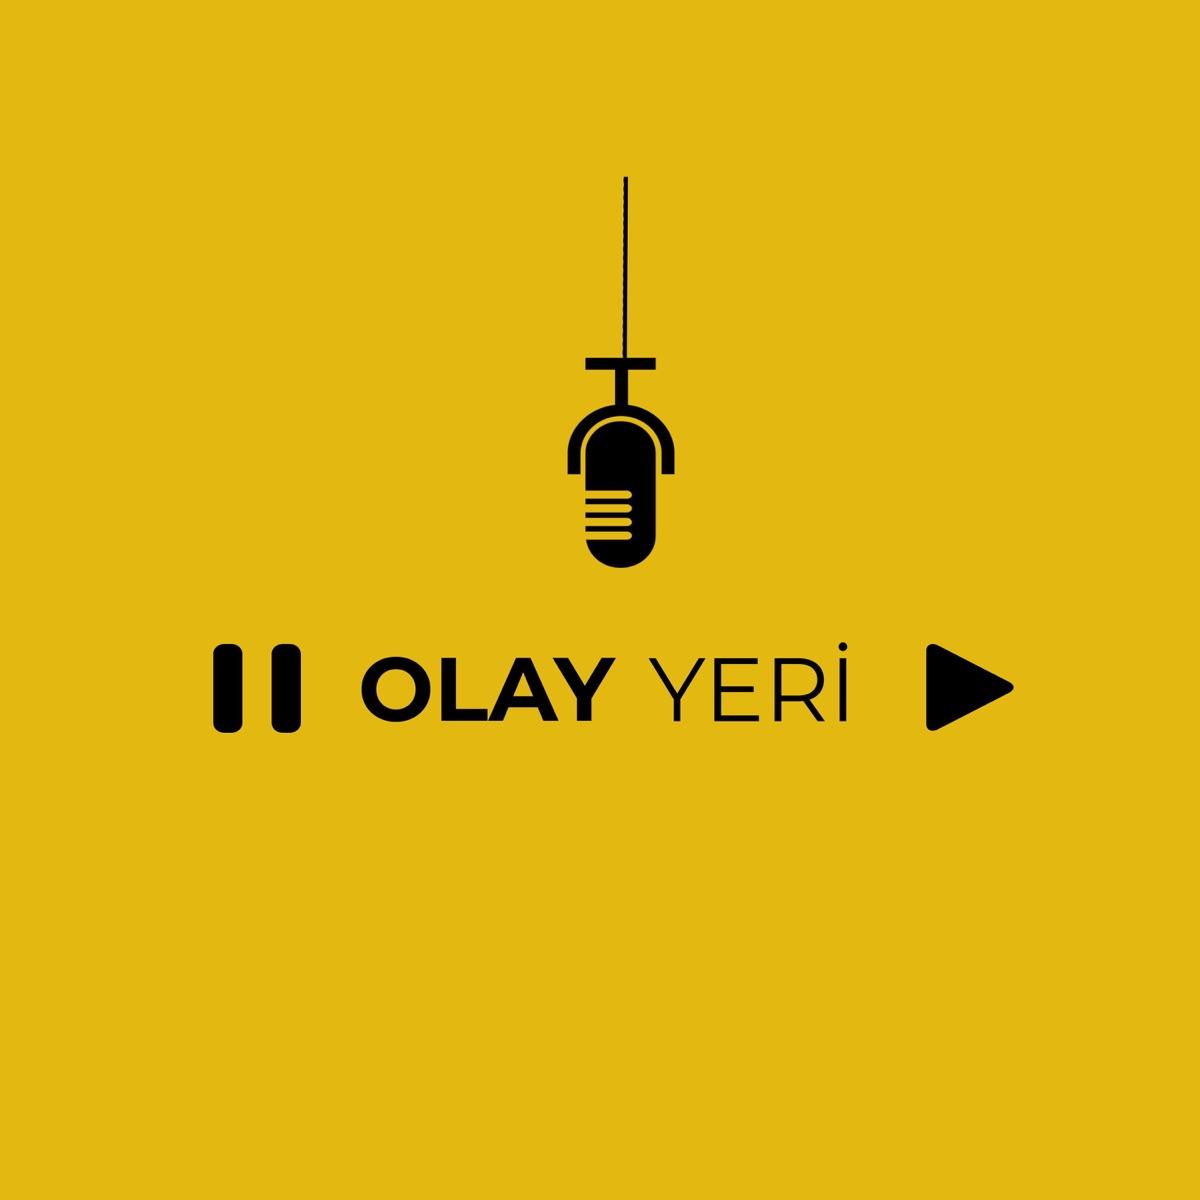 Olay Yeri